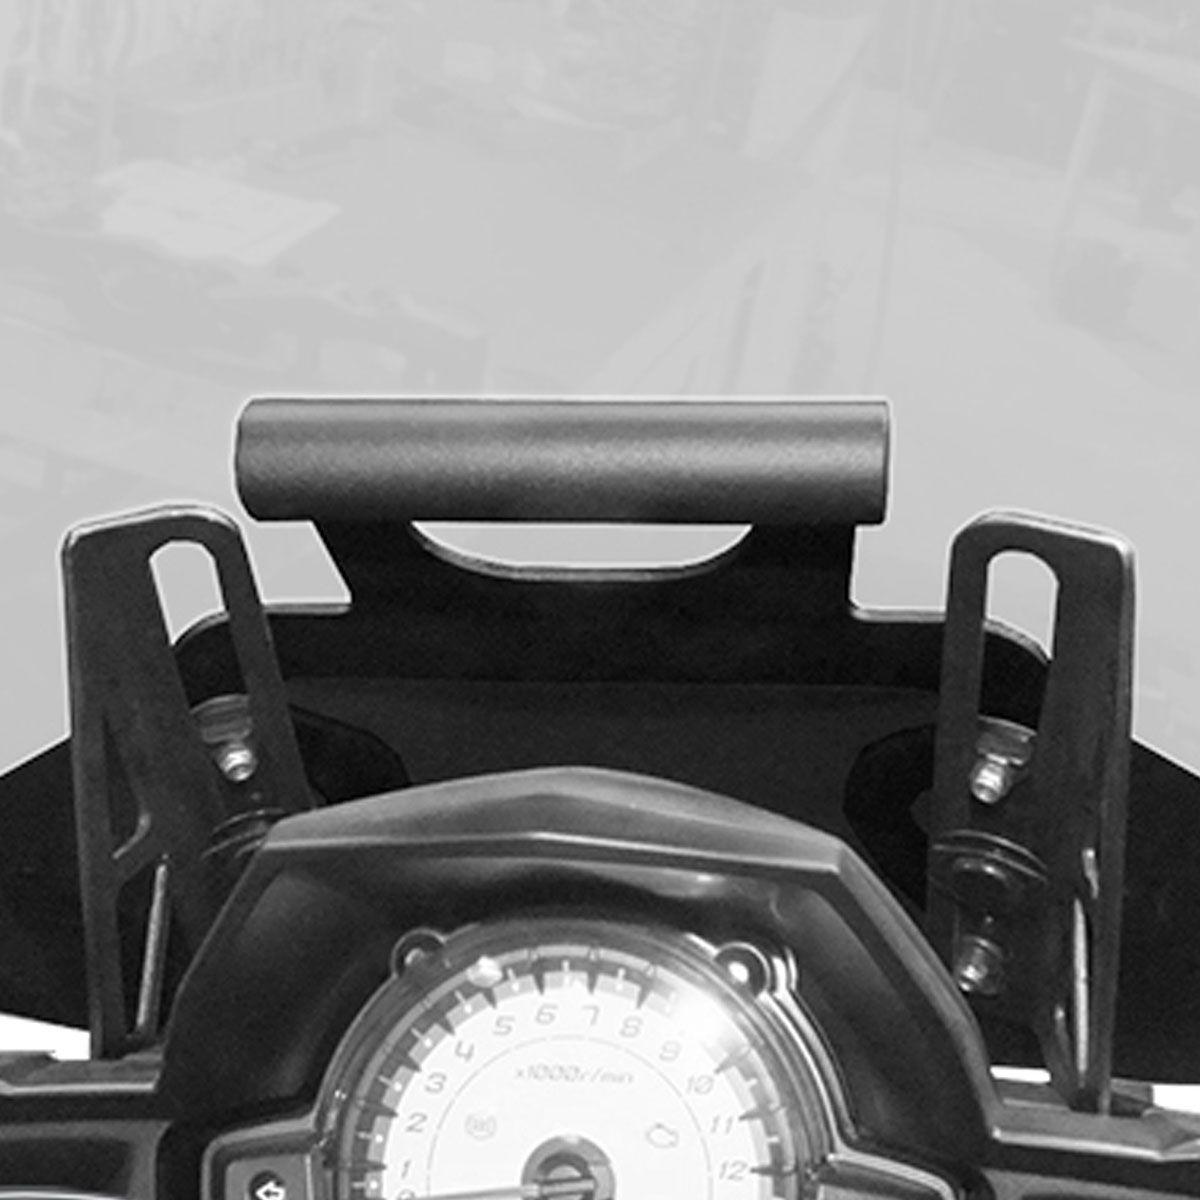 Suporte Gps Versys 650 / Tourer Scam